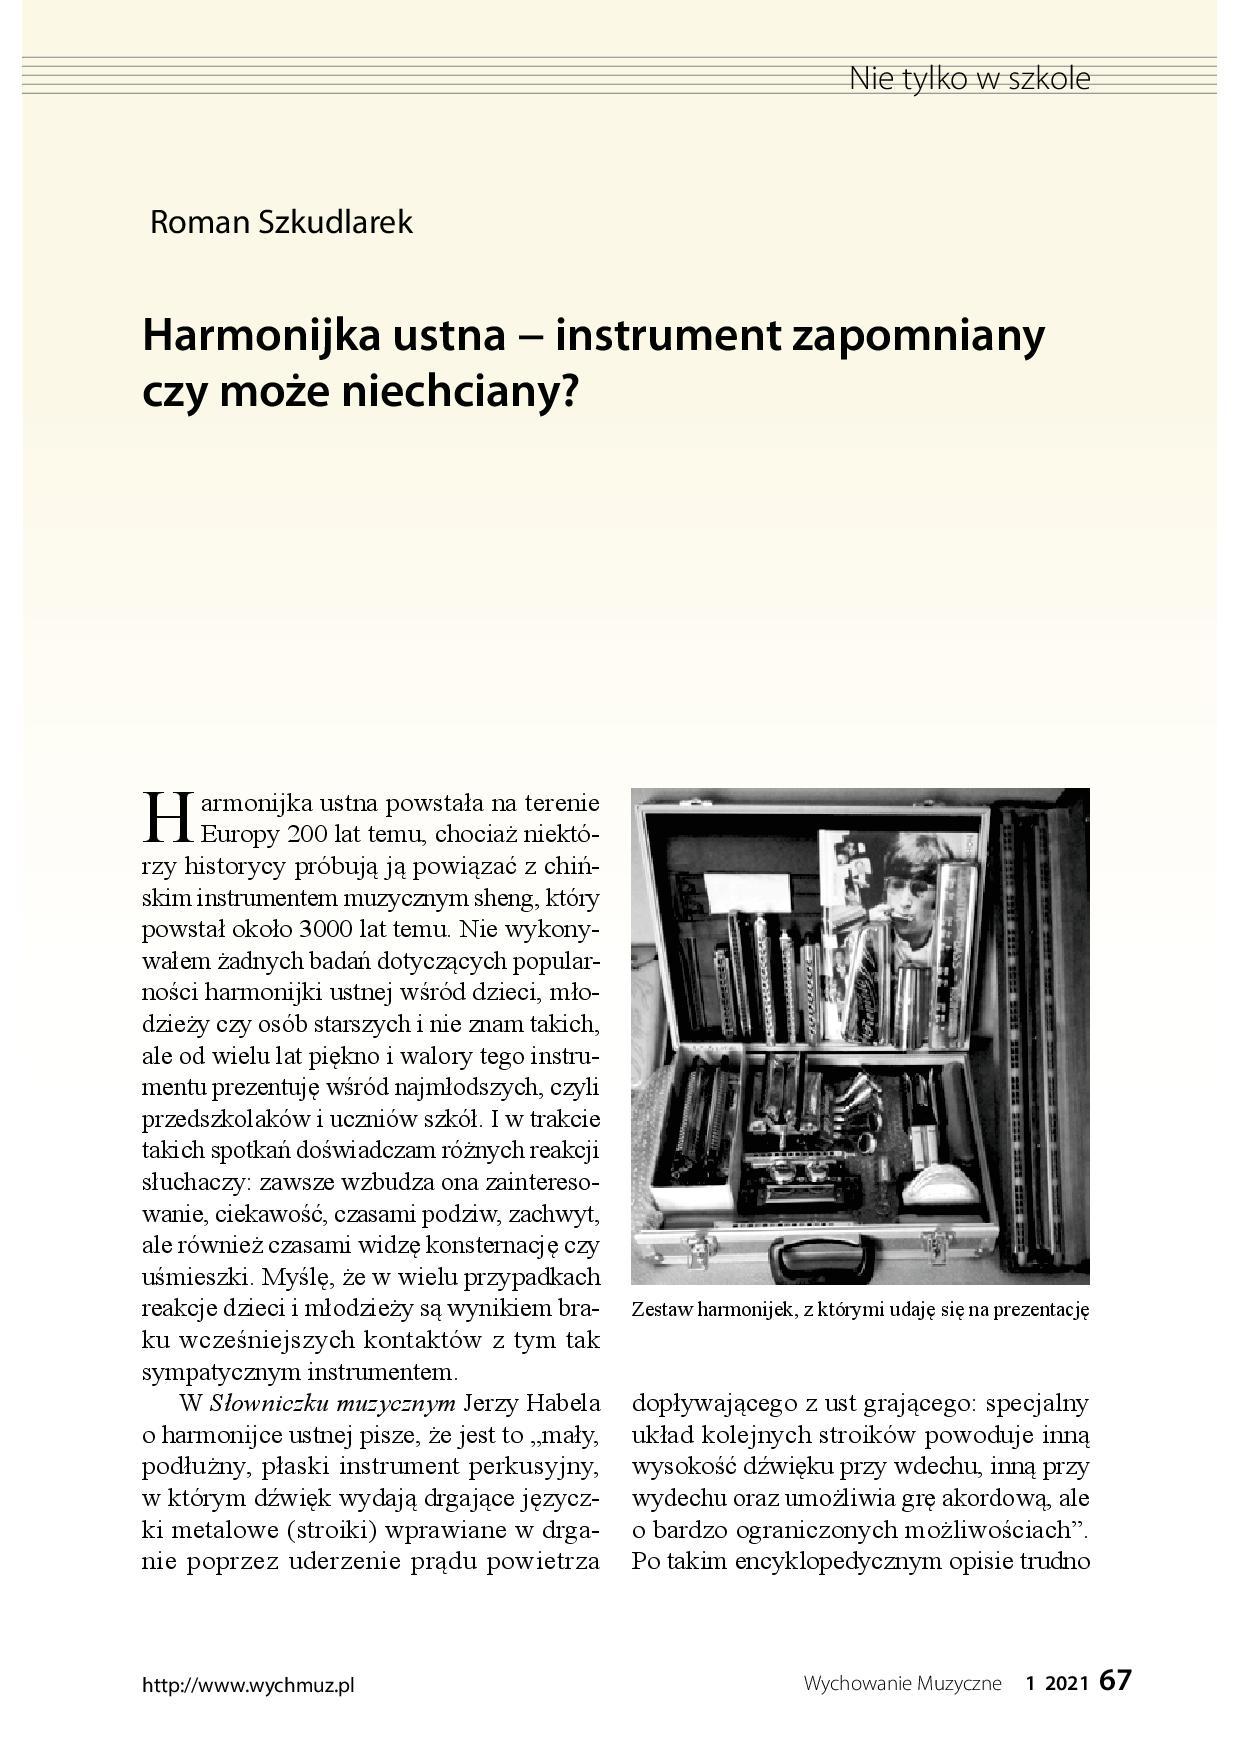 Harmonijka ustna − instrument zapomniany czy może niechciany?